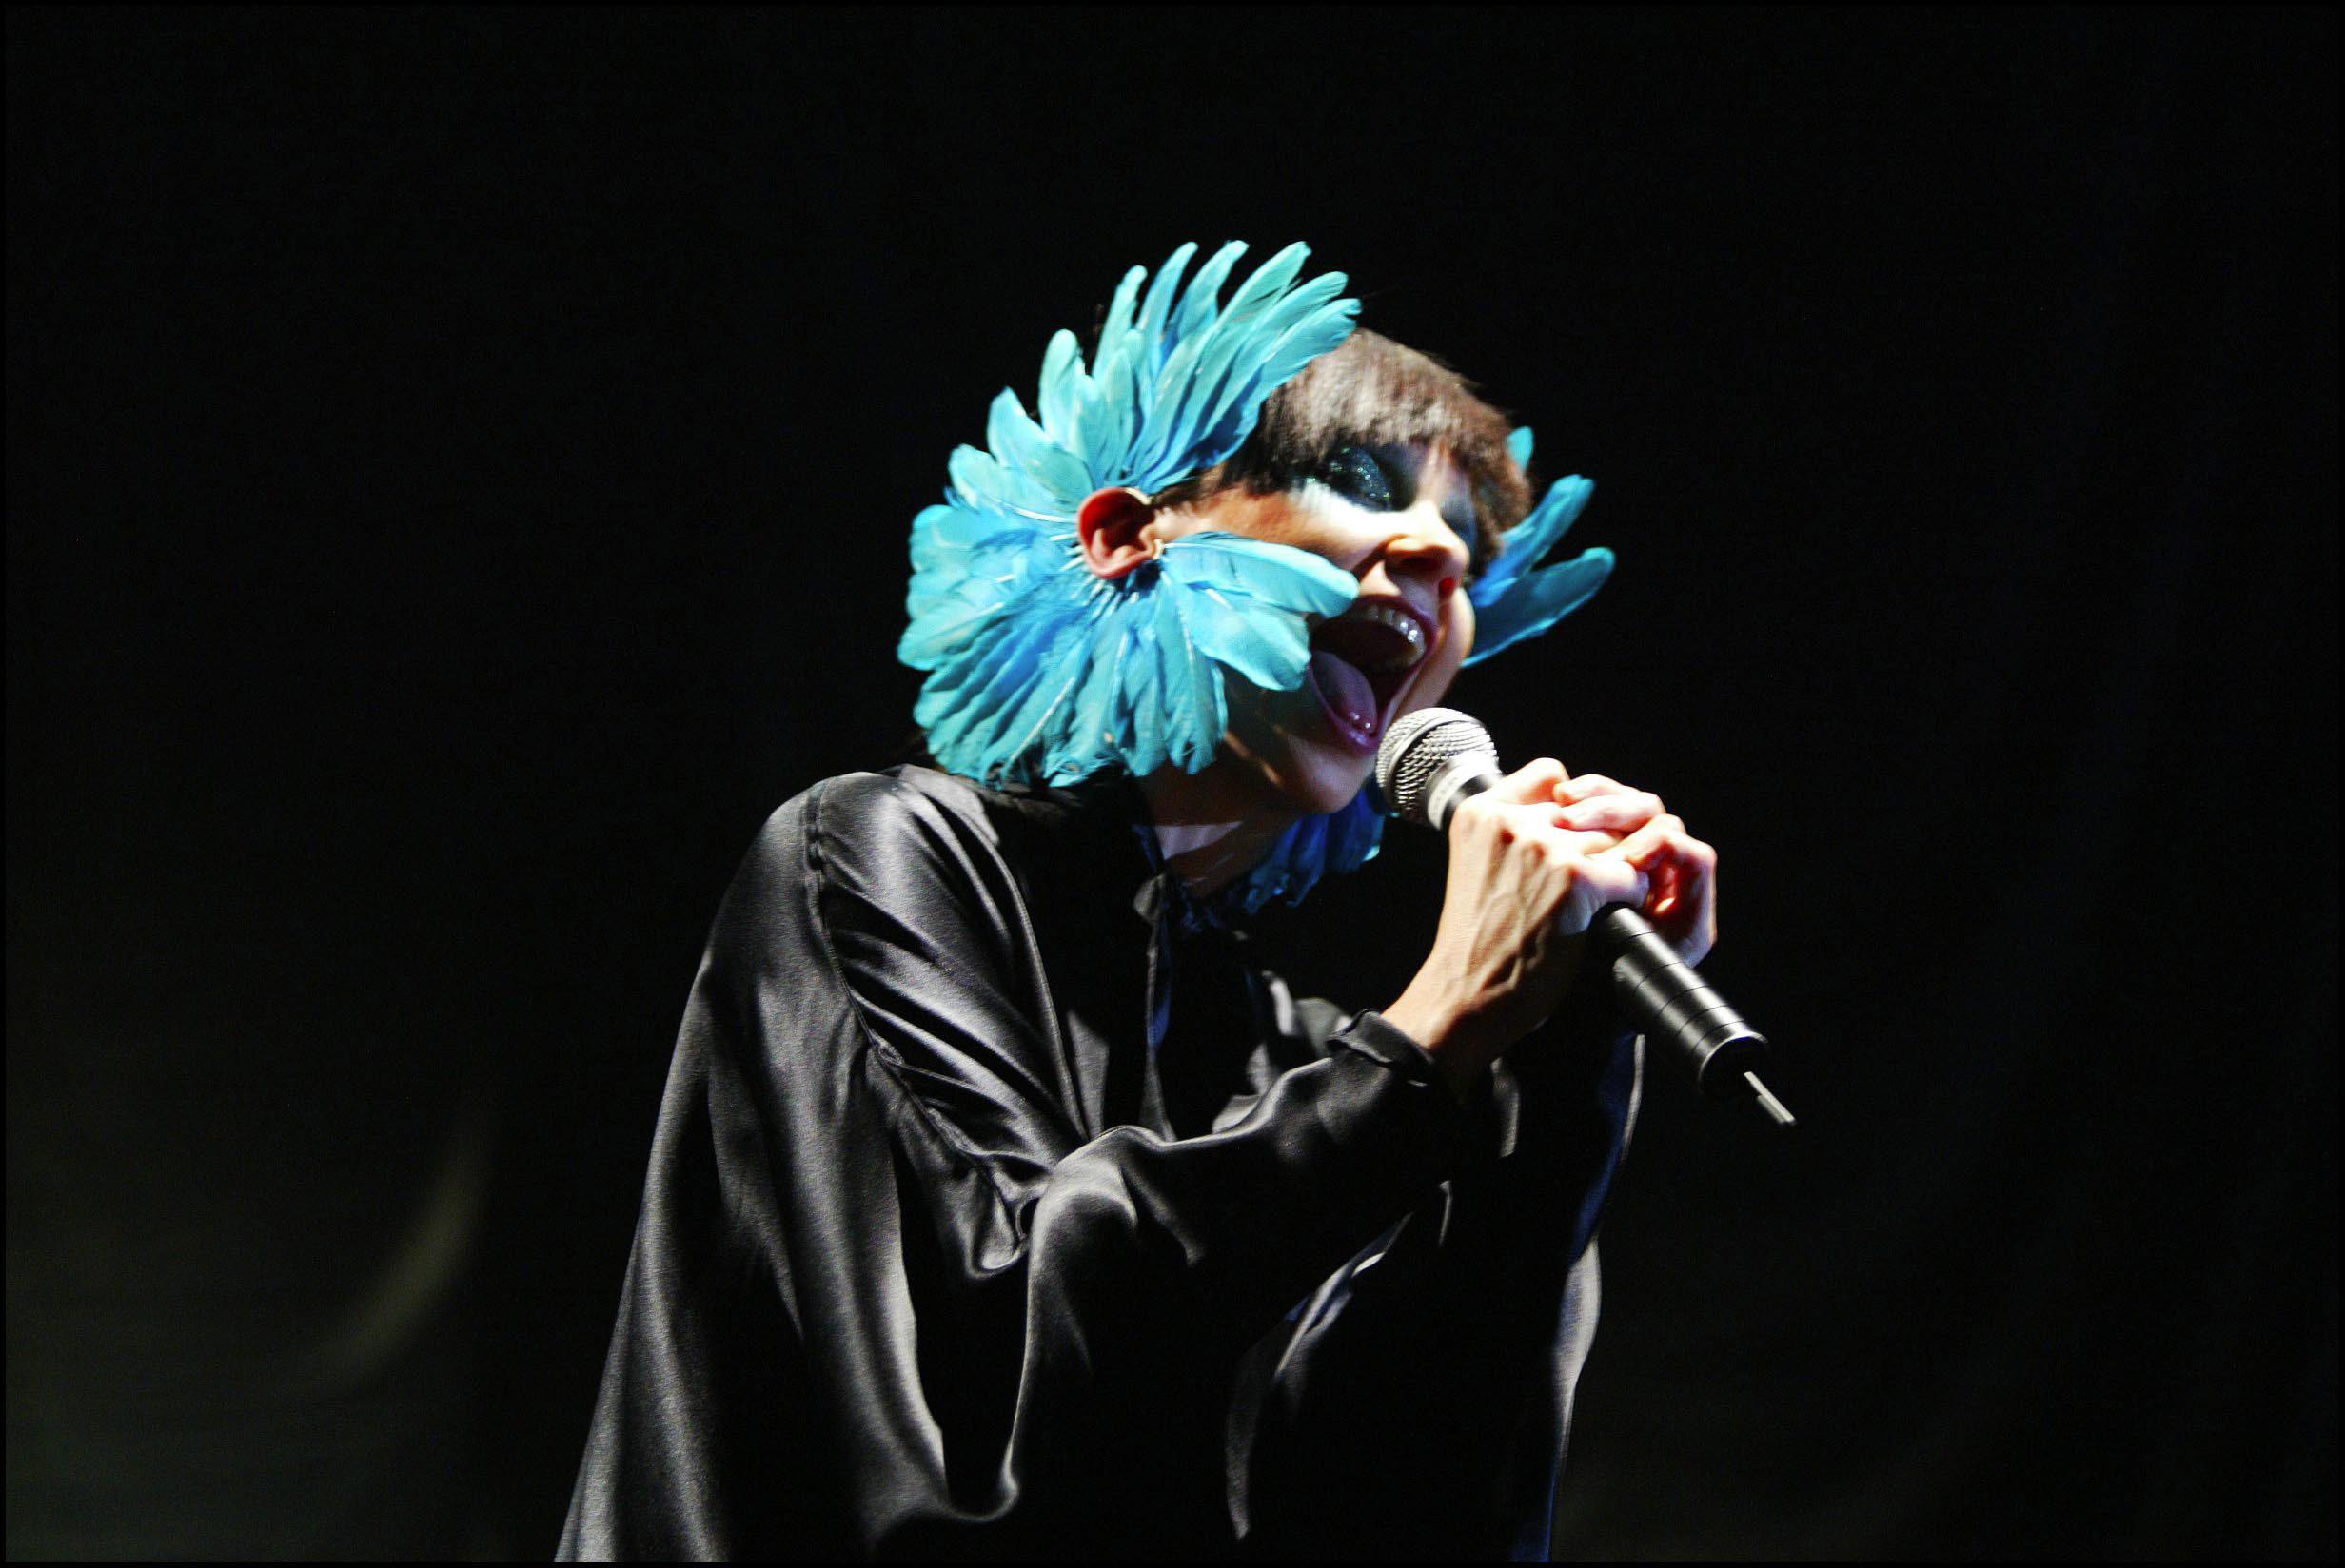 Björk performs in Paris on June 17, 2003.